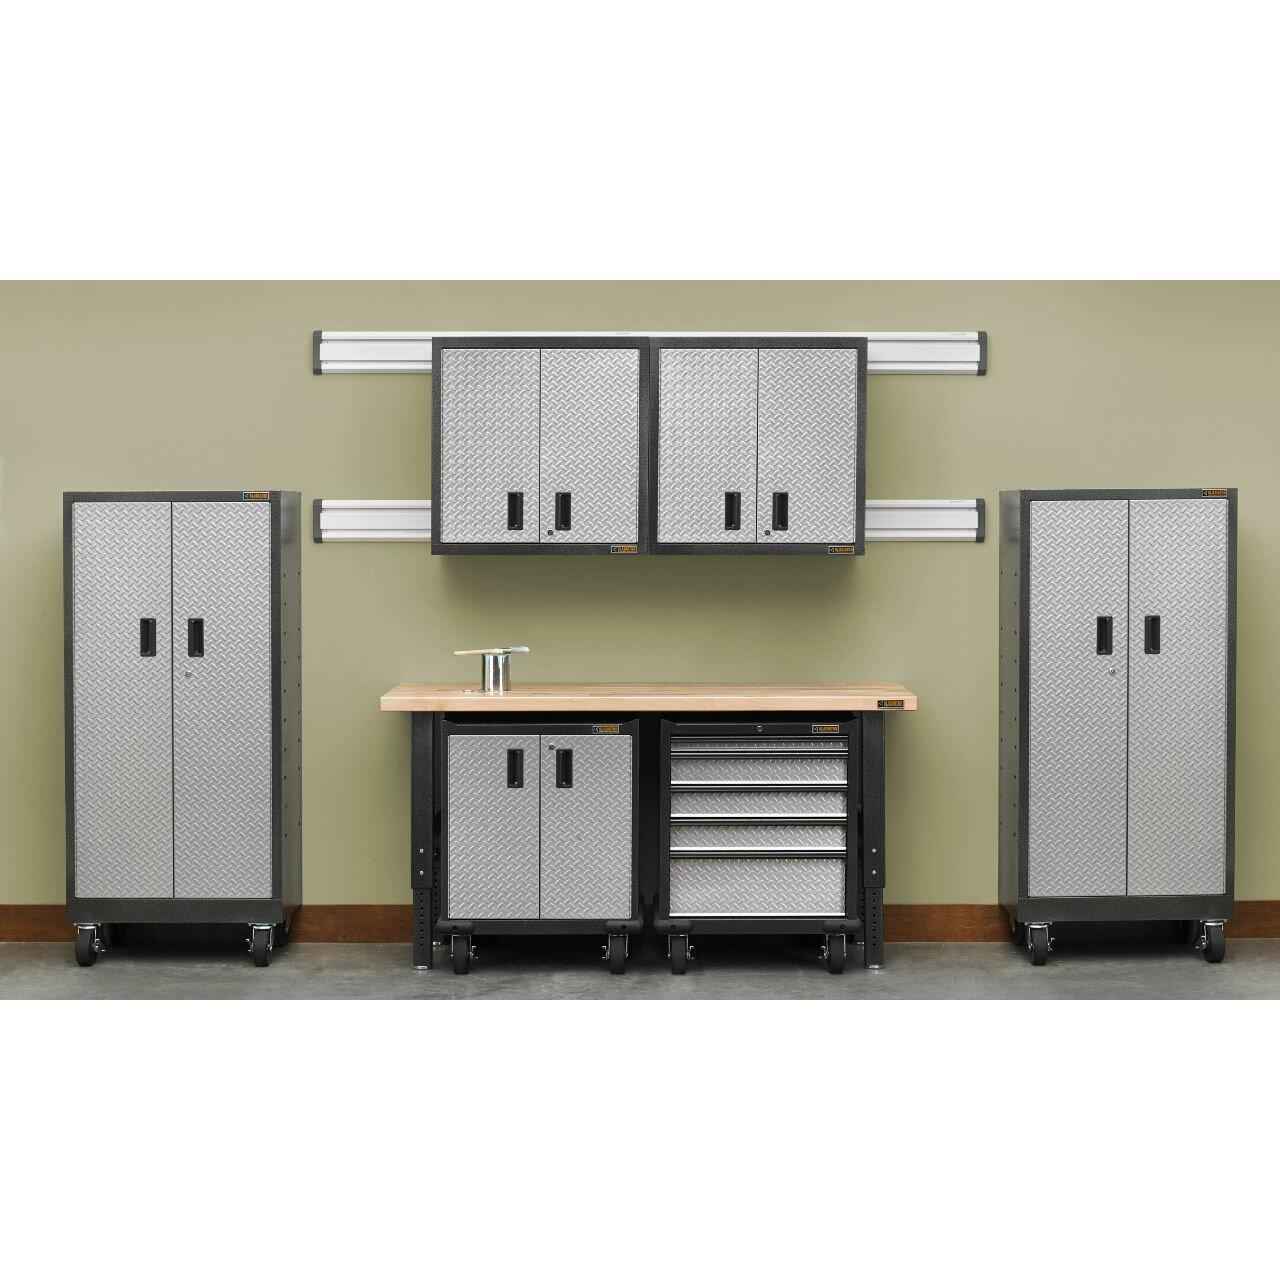 gladiator 27 maple top for premier garage cabinets. Black Bedroom Furniture Sets. Home Design Ideas